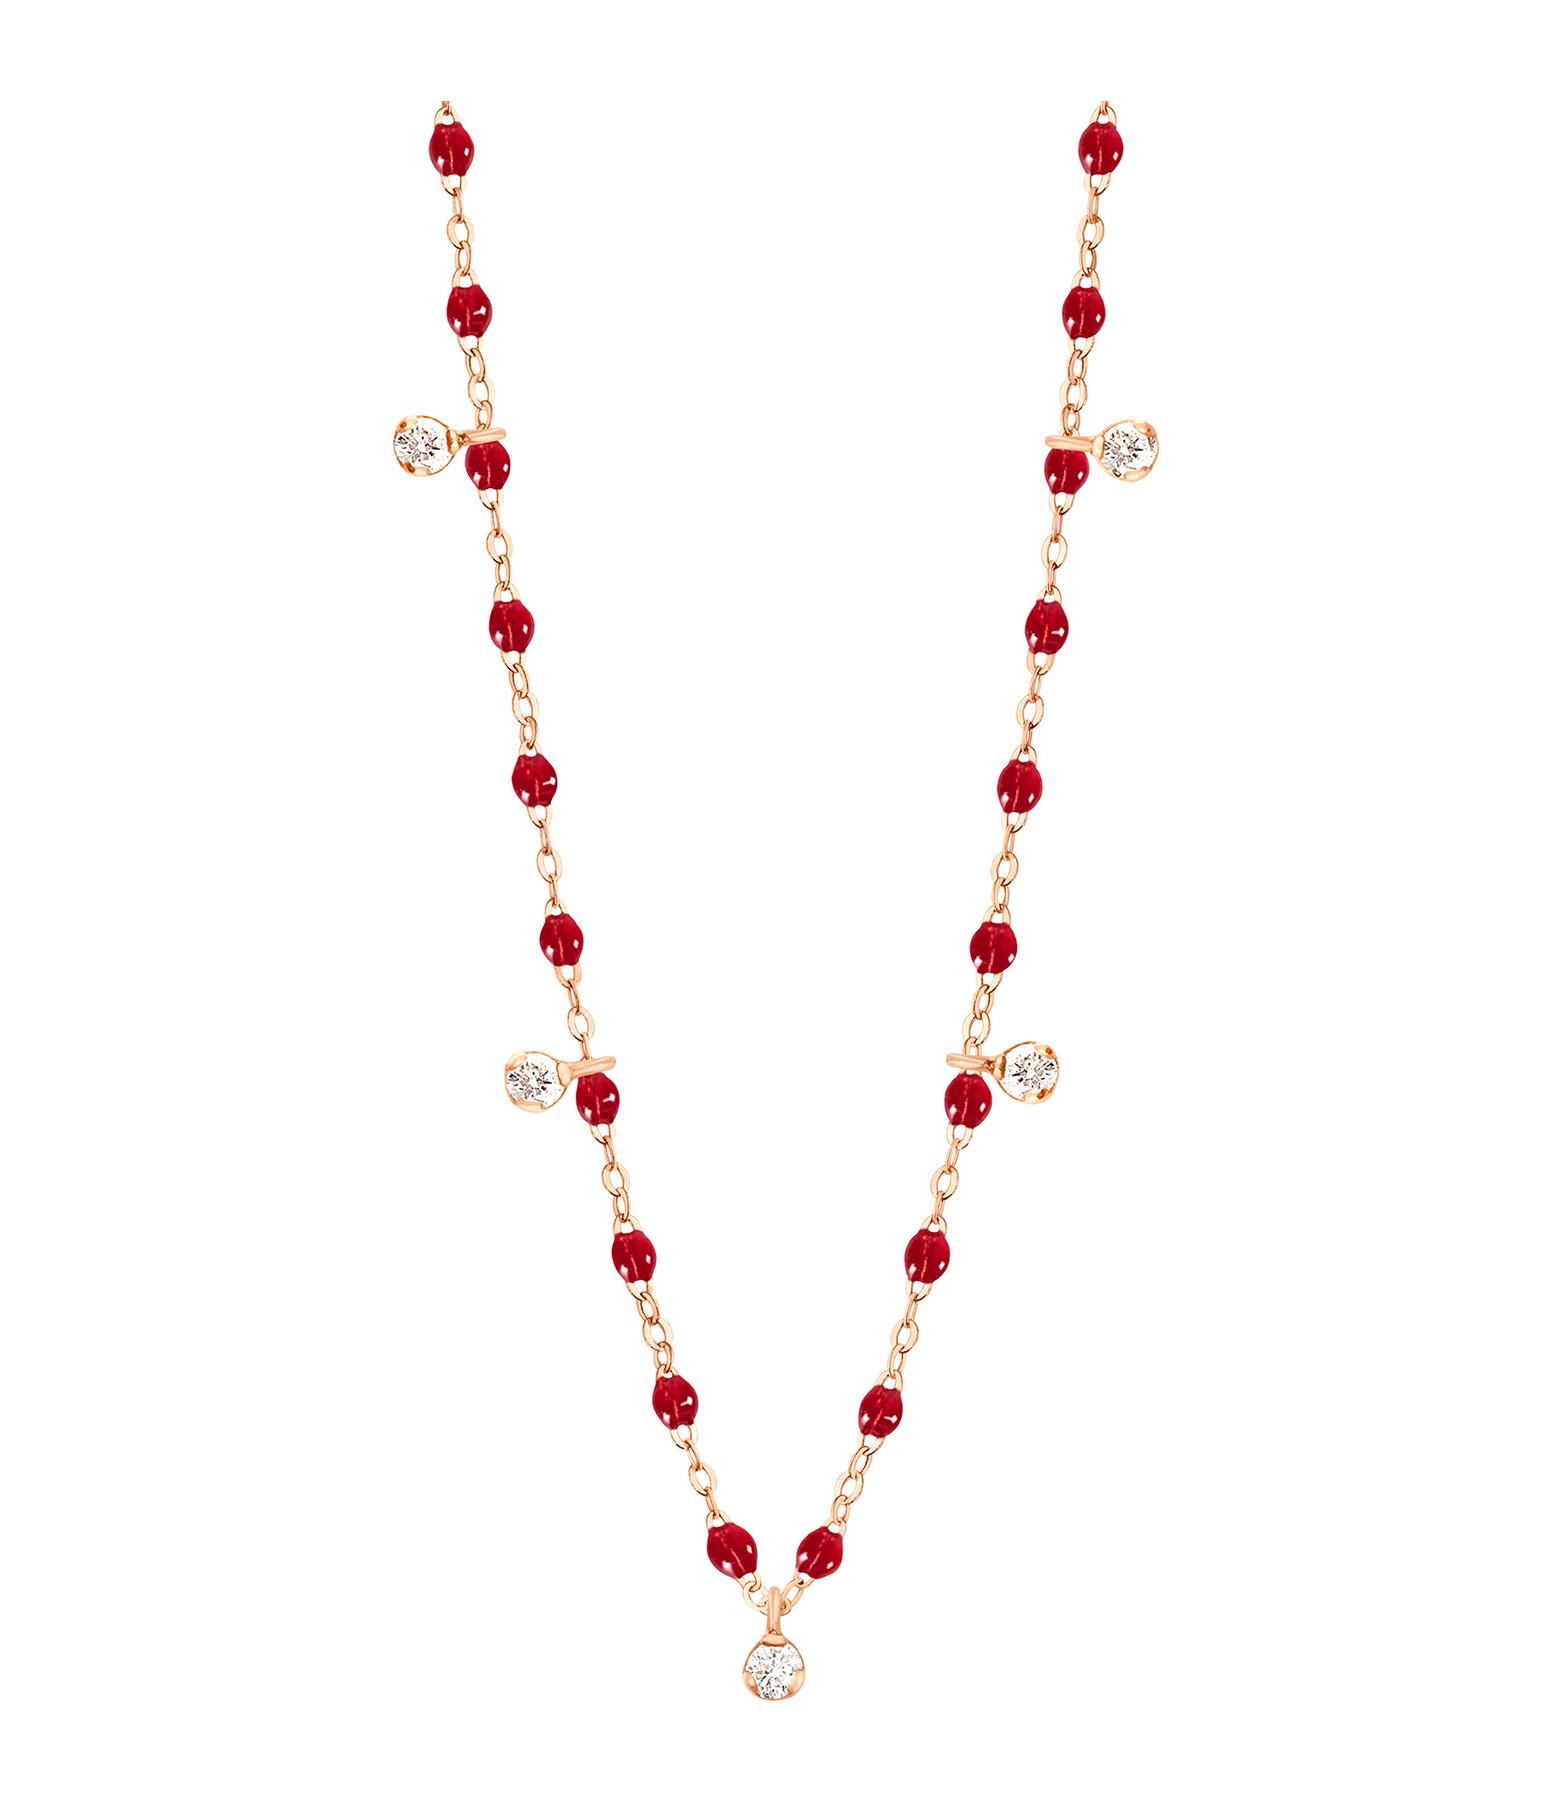 GIGI CLOZEAU - Collier résine Gigi Suprême 5 Diamants Or rose